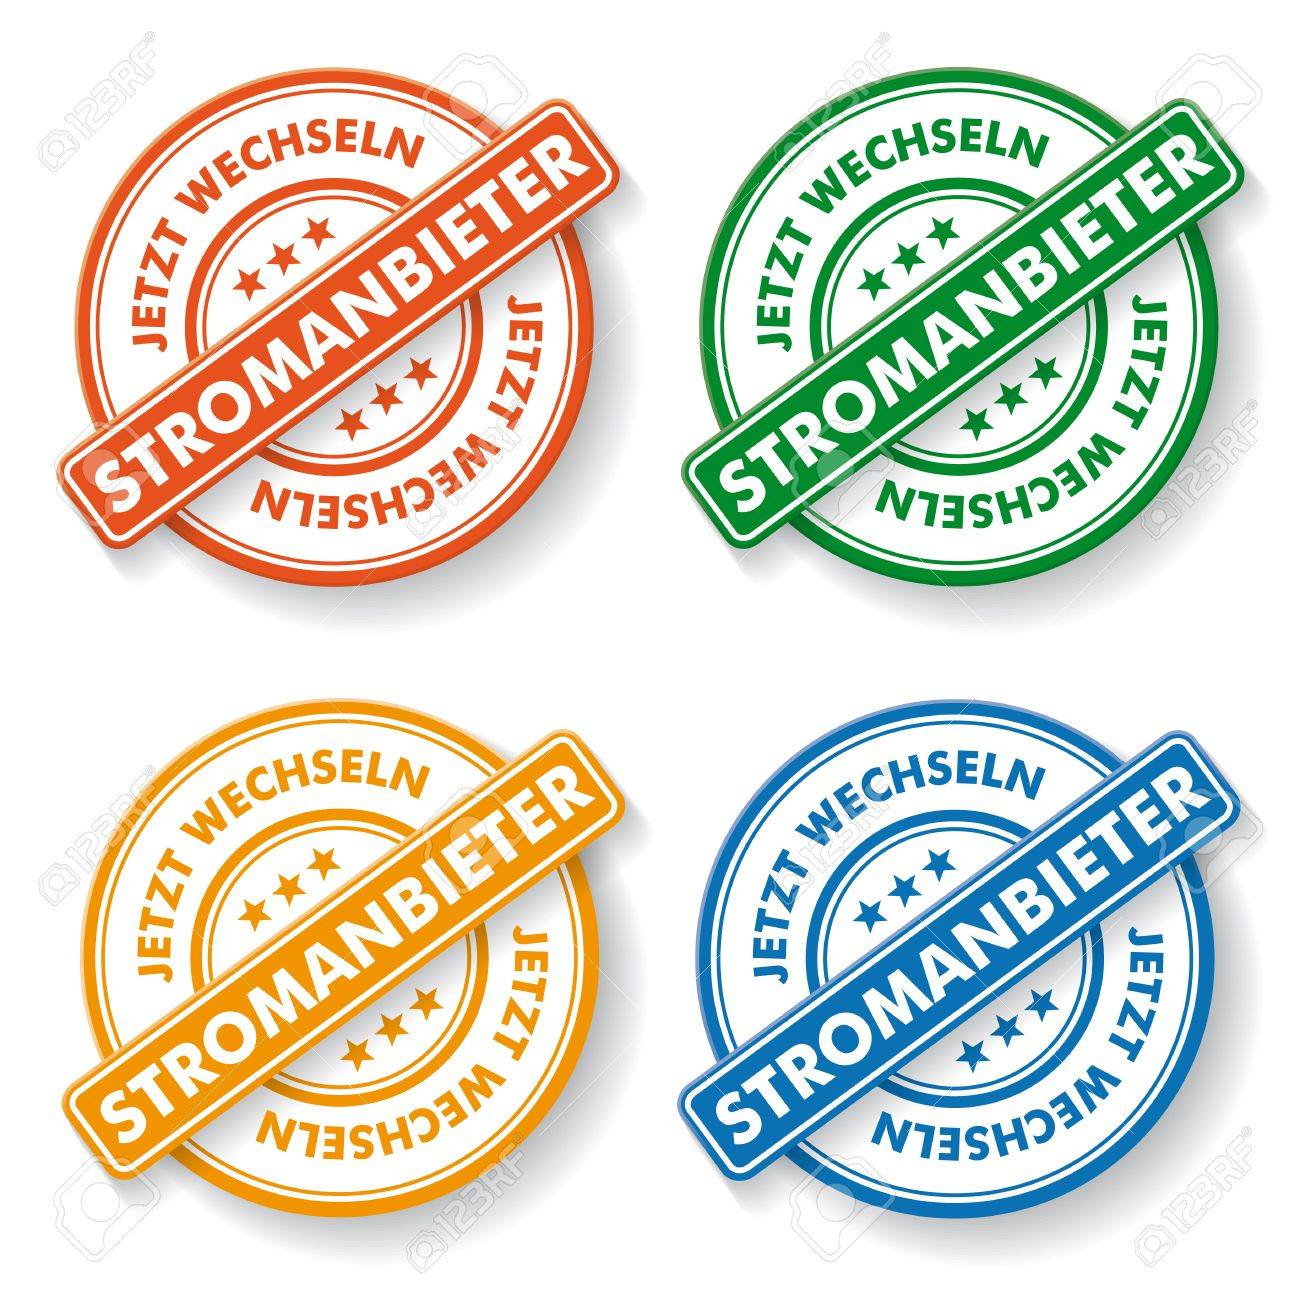 Stemp Sticker With German Text \